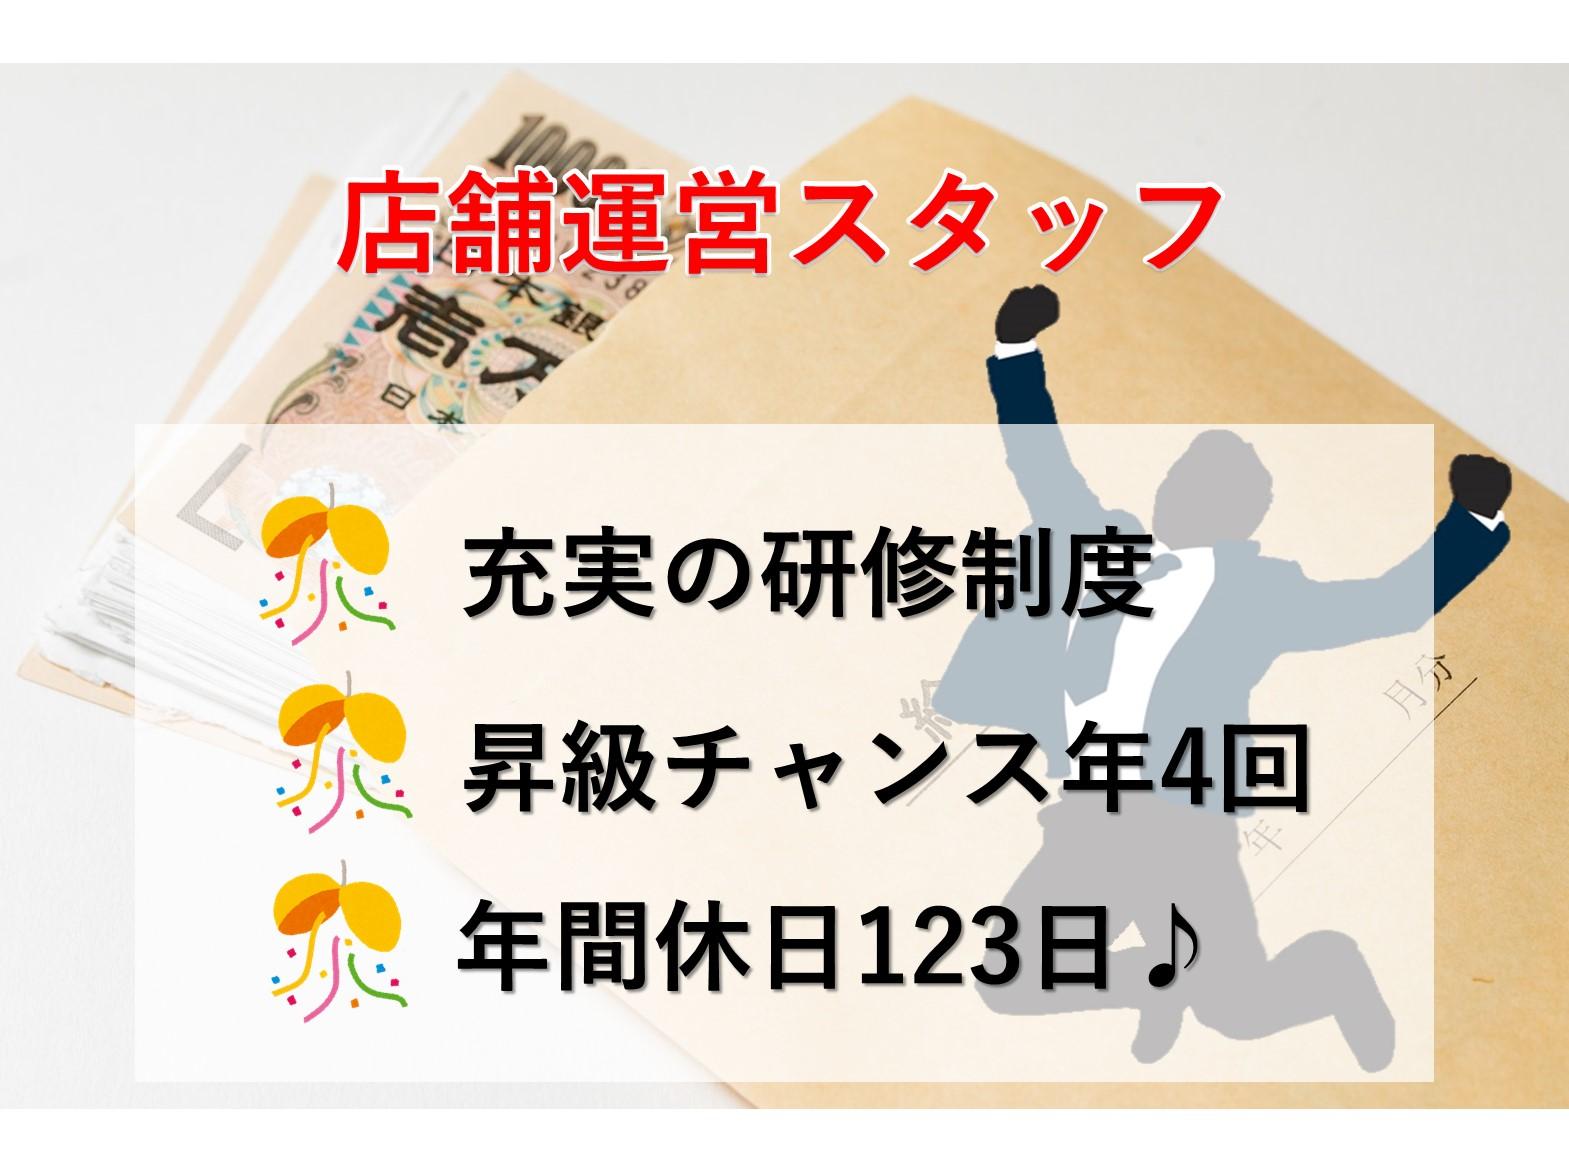 年休123日♪昇進4回◎牛丼屋店舗運営スタッフ【エリアマネージャー候補】急募 イメージ